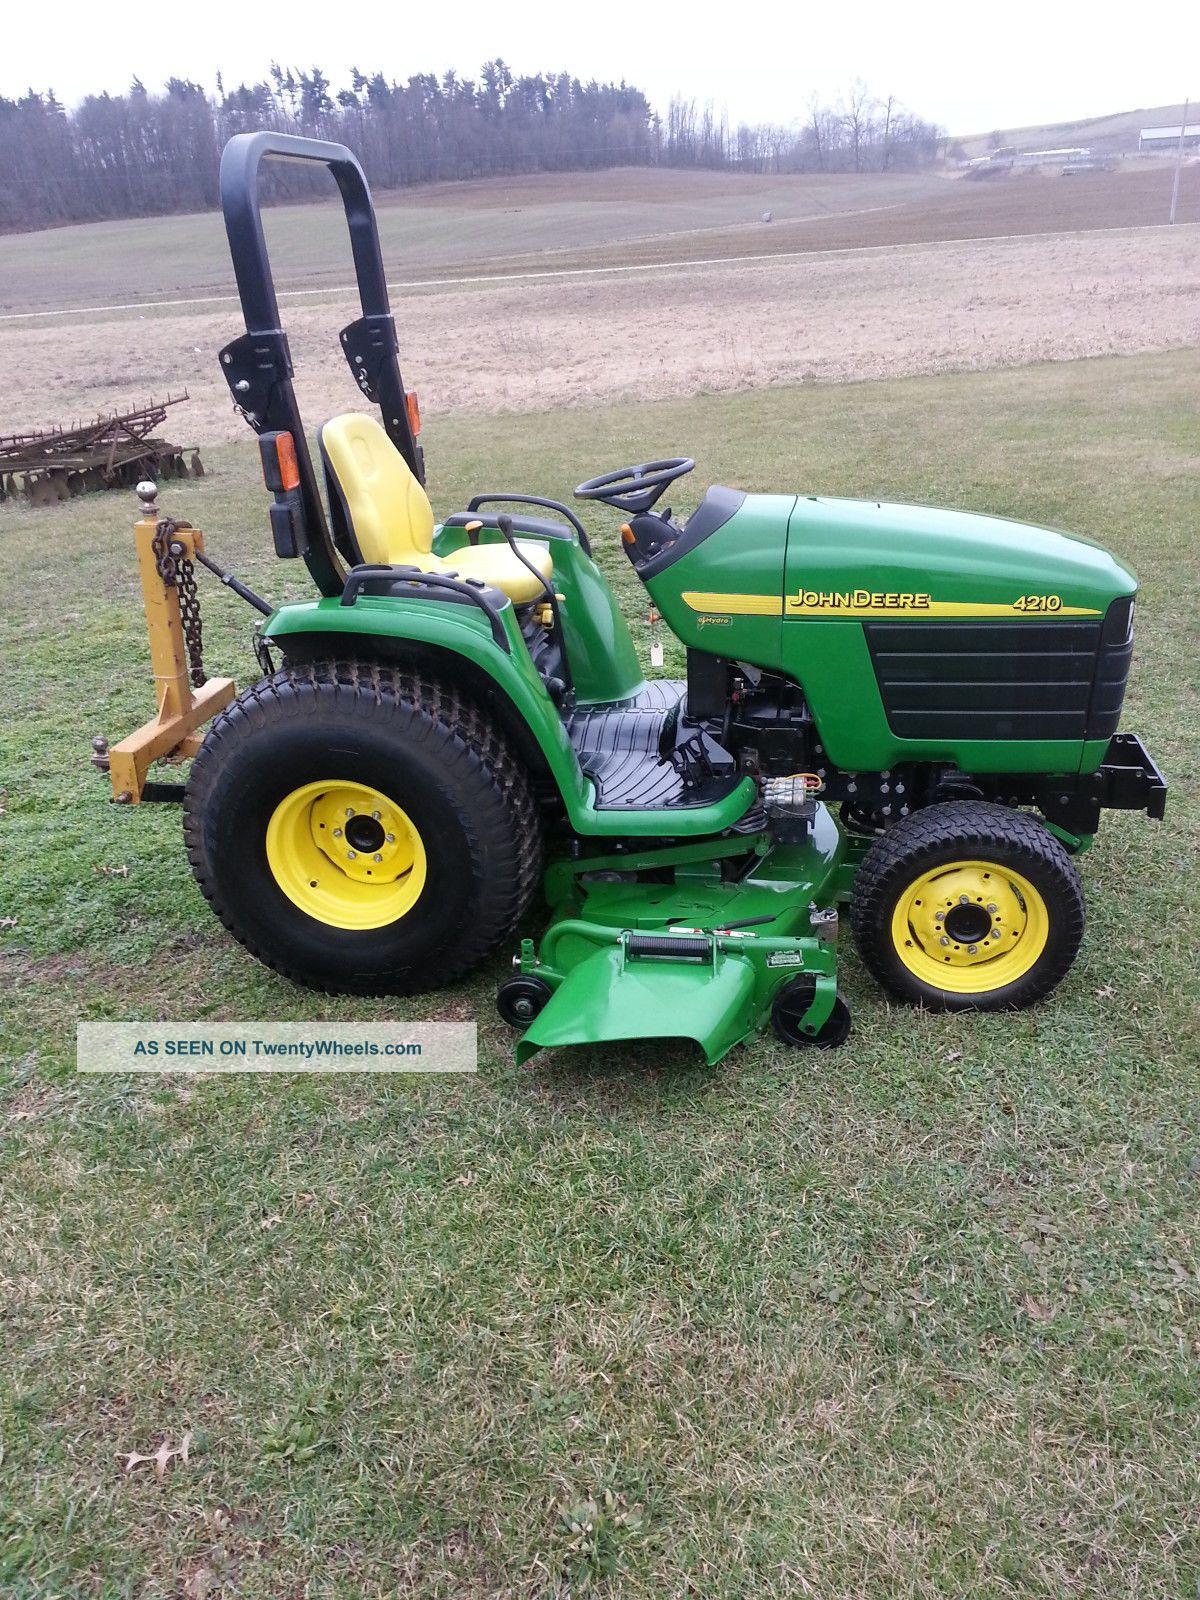 John Deere 4210 Compact Tractor Tractors photo